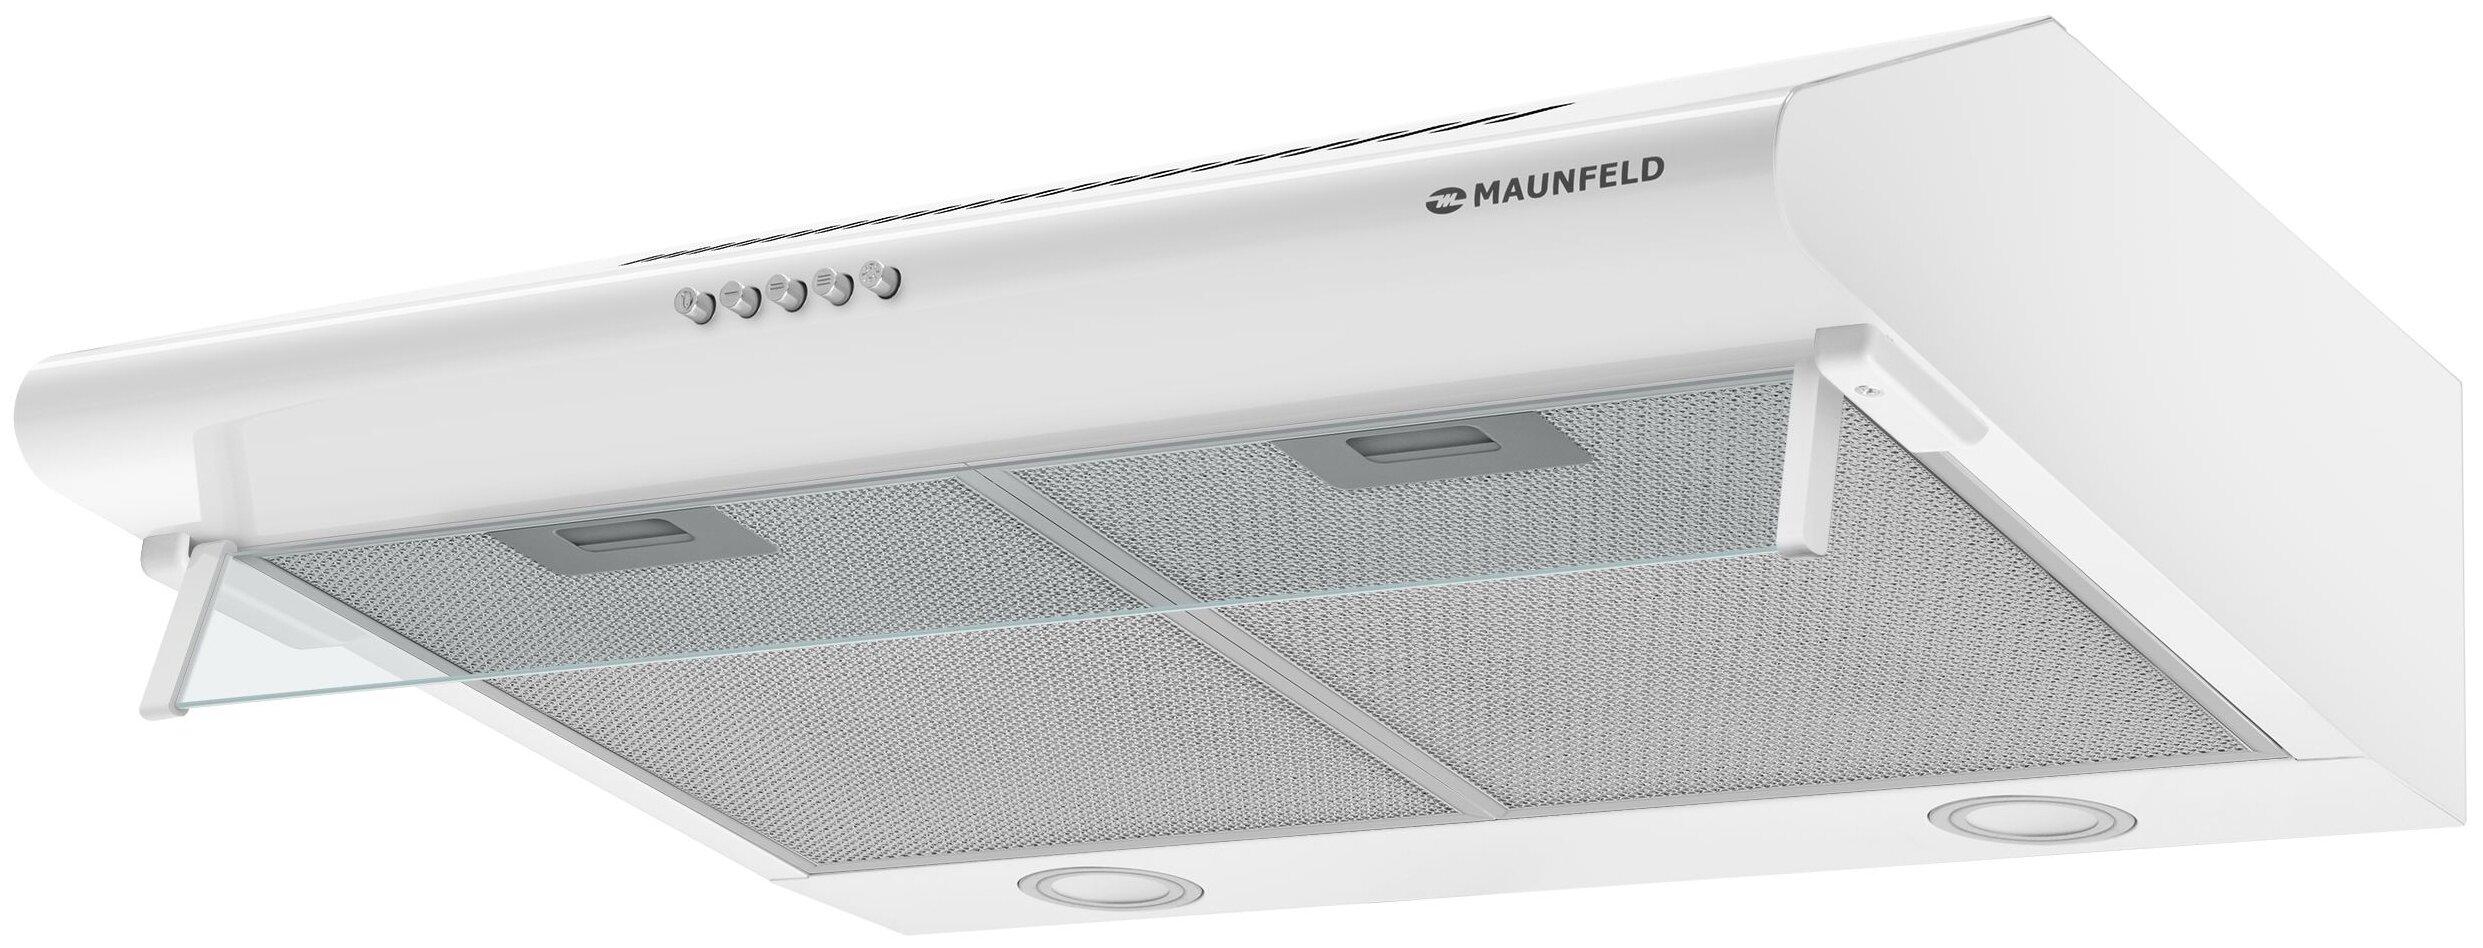 Вытяжка MAUNFELD MP-1 50 белый